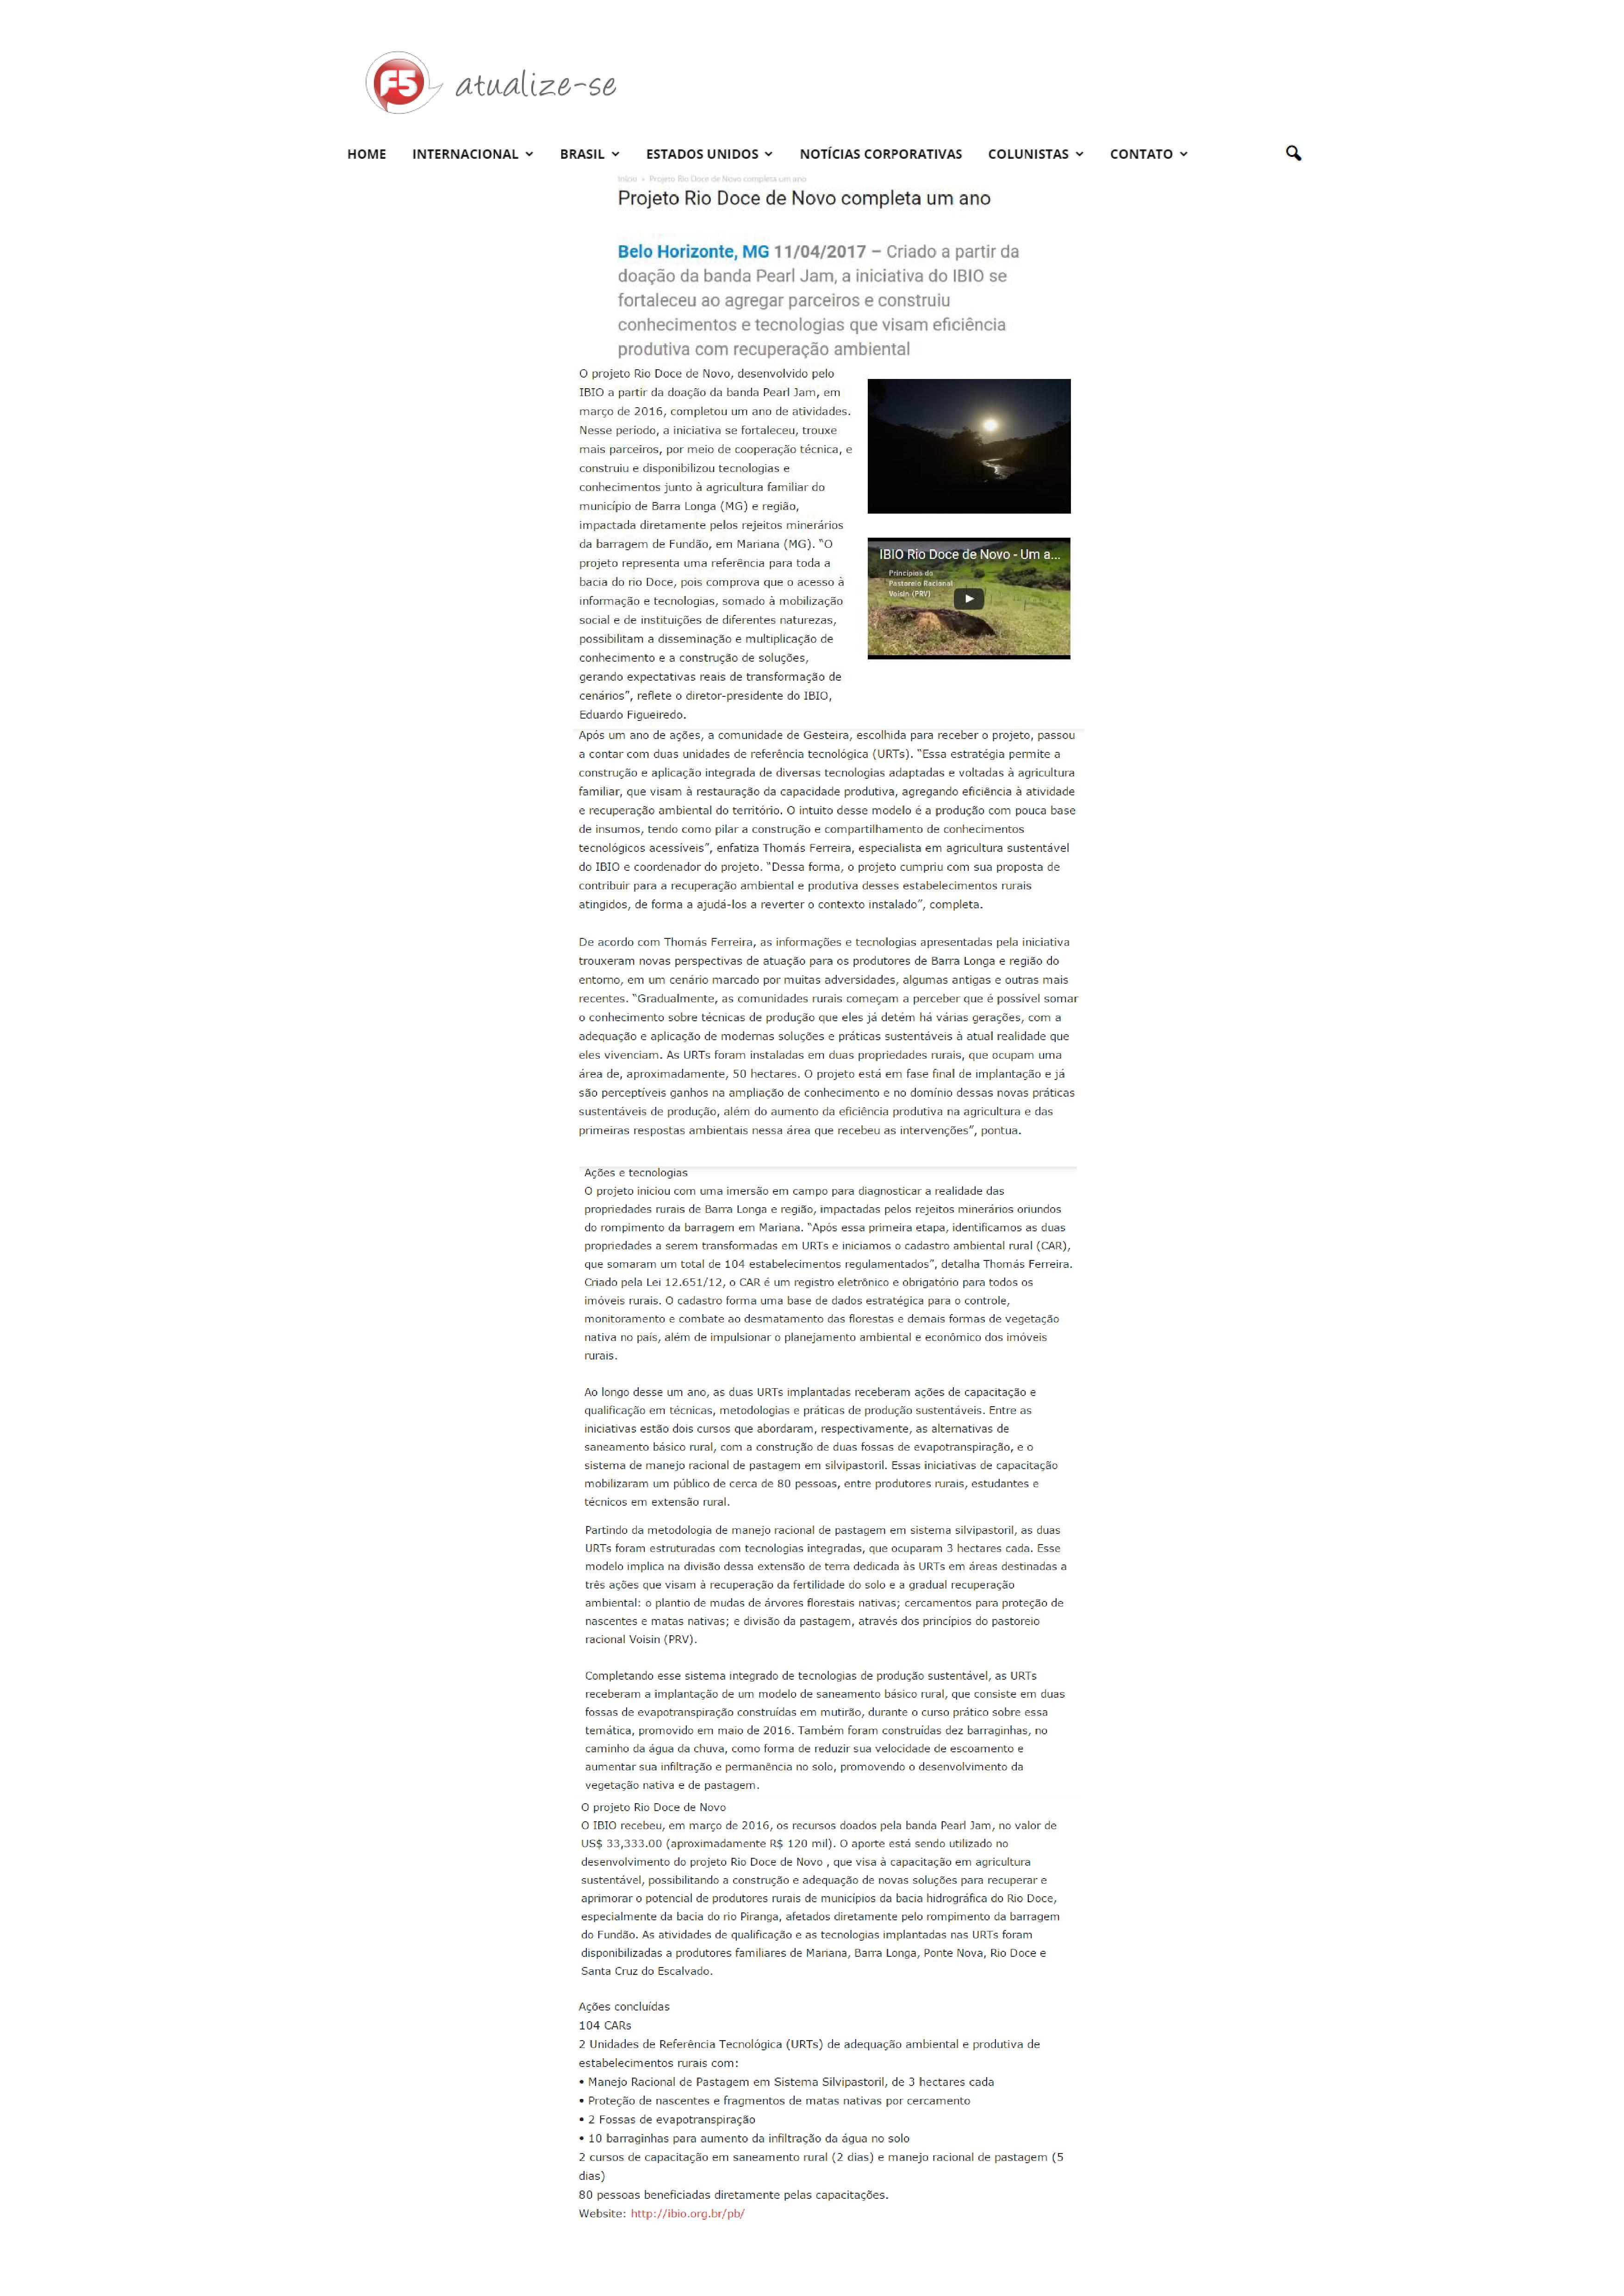 Ibio- f5 noticias- 04.11-05